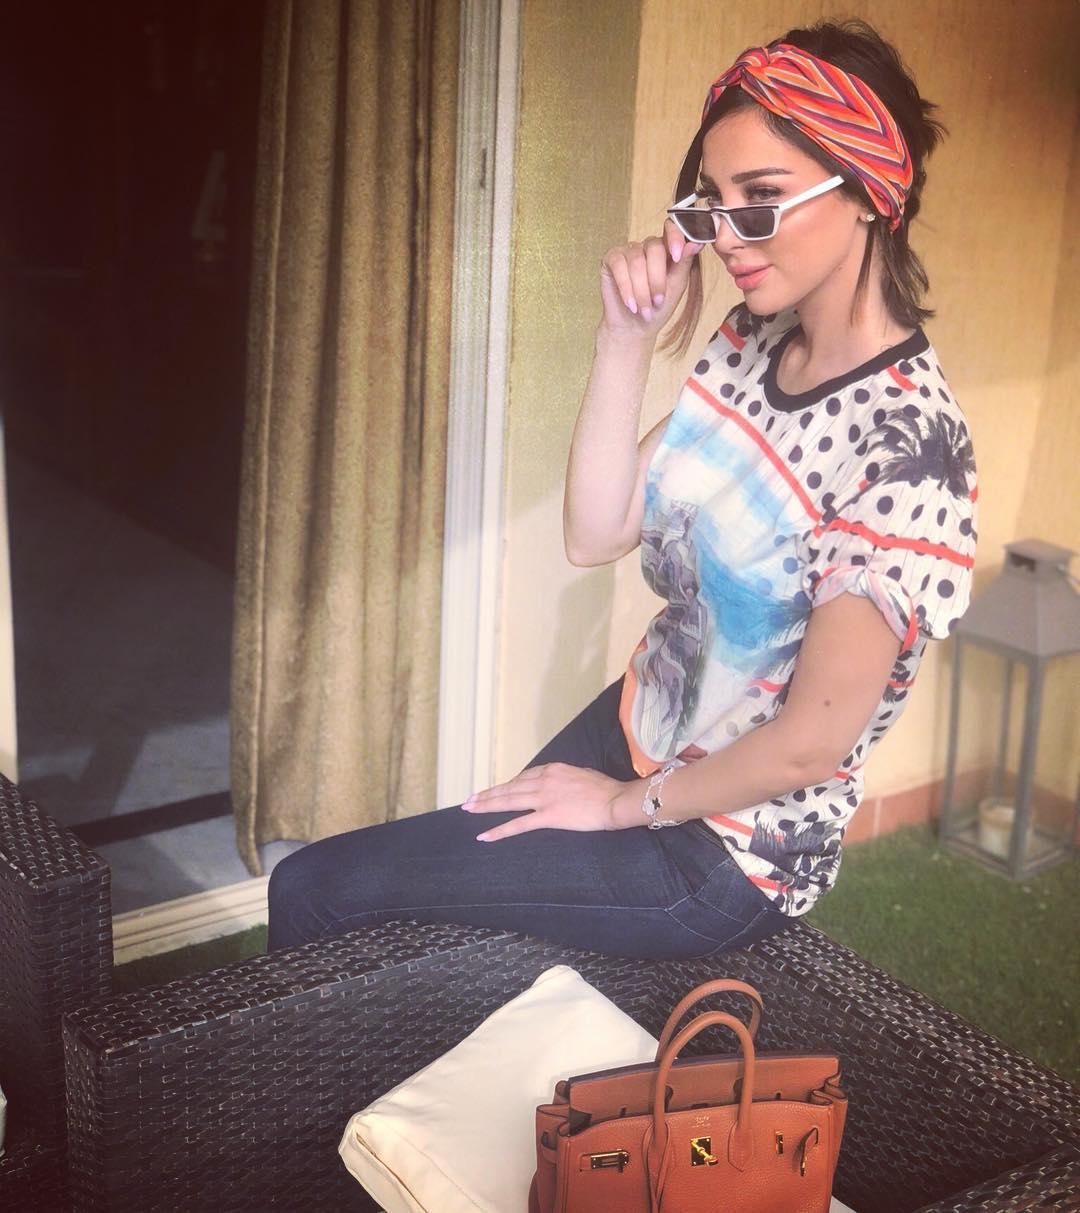 بسمة بوسيل تكشف حقيقة حملها بطفلها الثالث من تامر حسني !!!؟؟؟